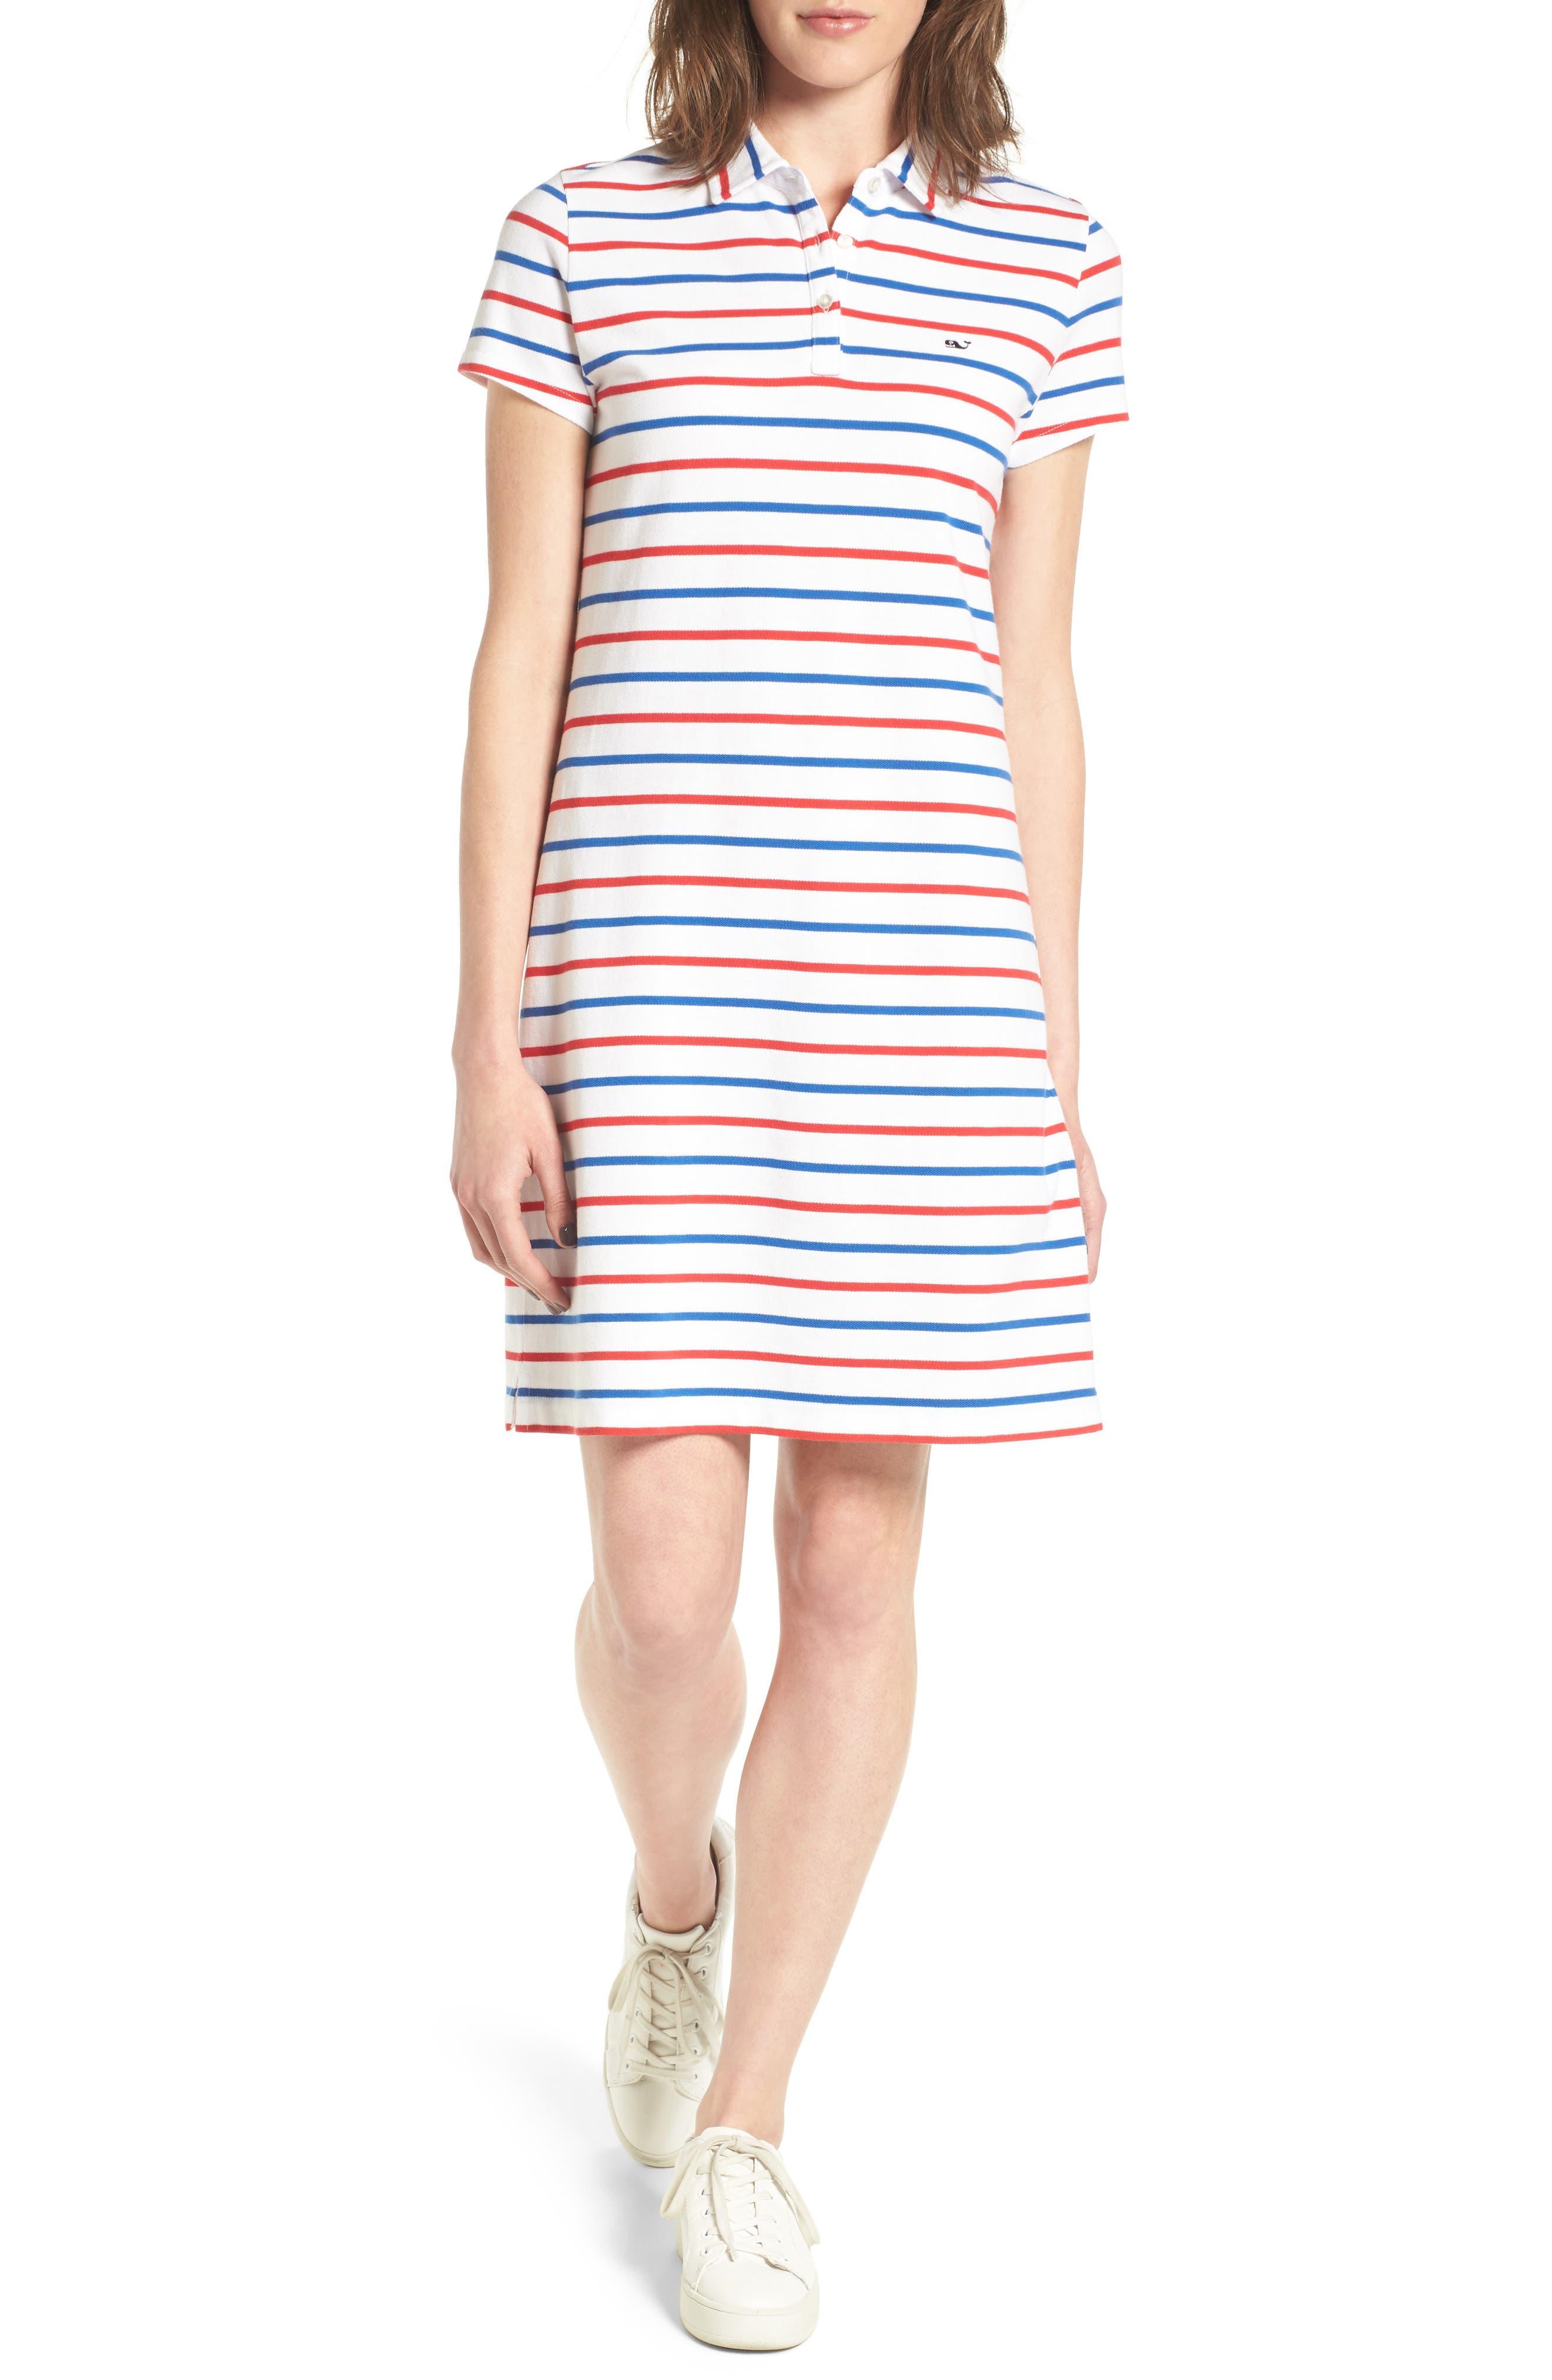 Vineyard Vines Stripe Polo Dress